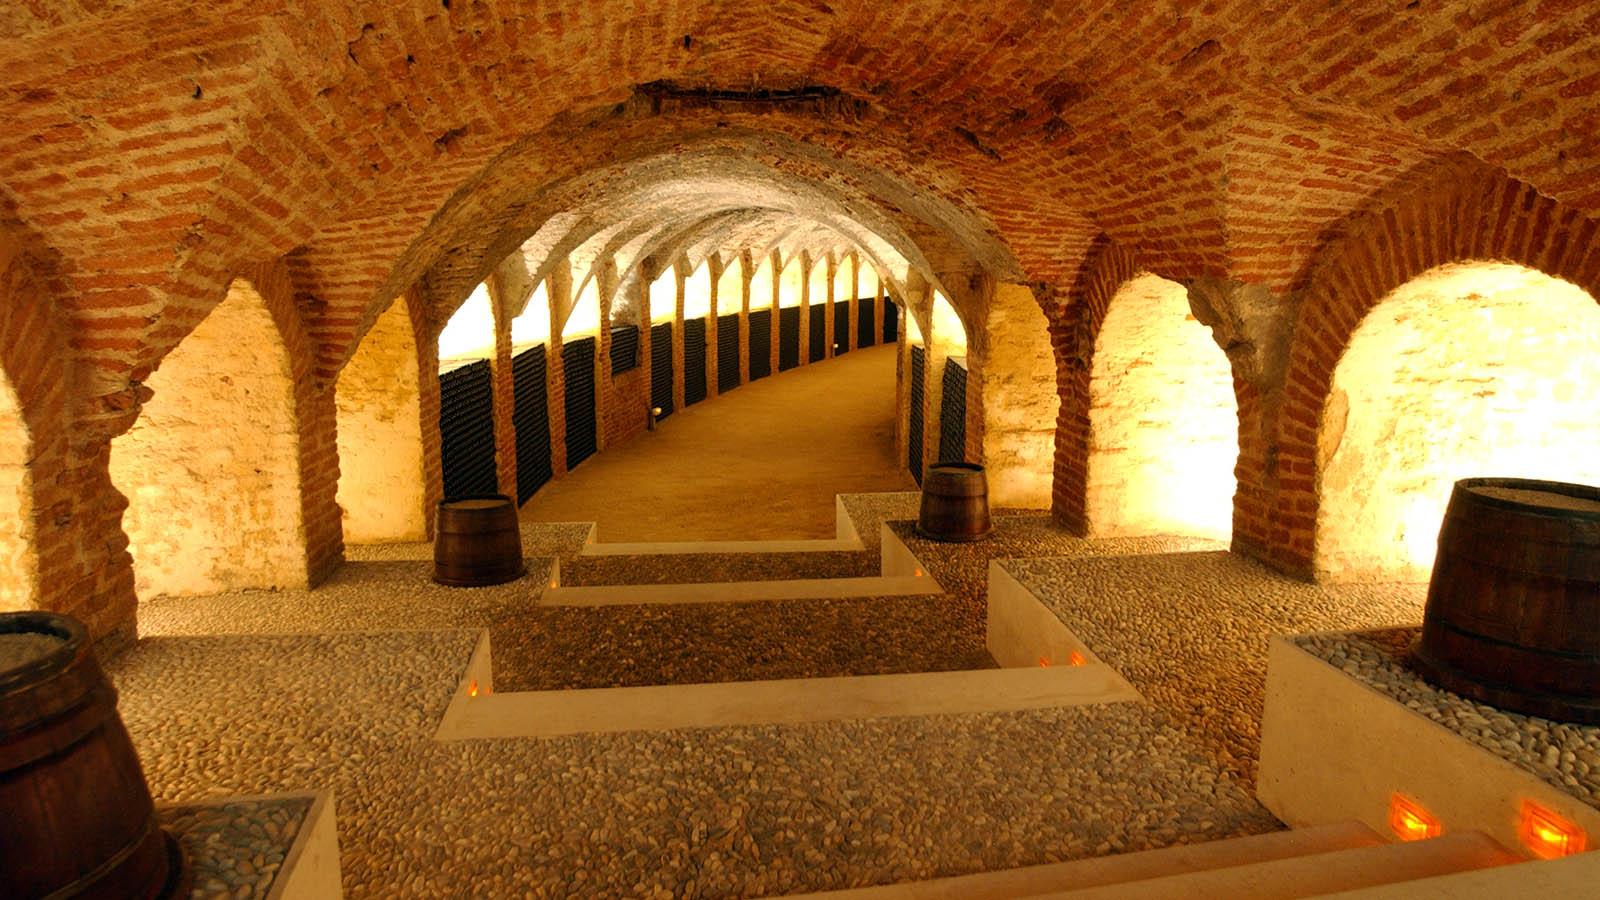 Bodega de Carlos III. El final de la galería subterránea es el lagar, que fue completamente restaurado en el año 2000. Los inquilinos anteriores echaron cemento sobre la rampa de acceso.